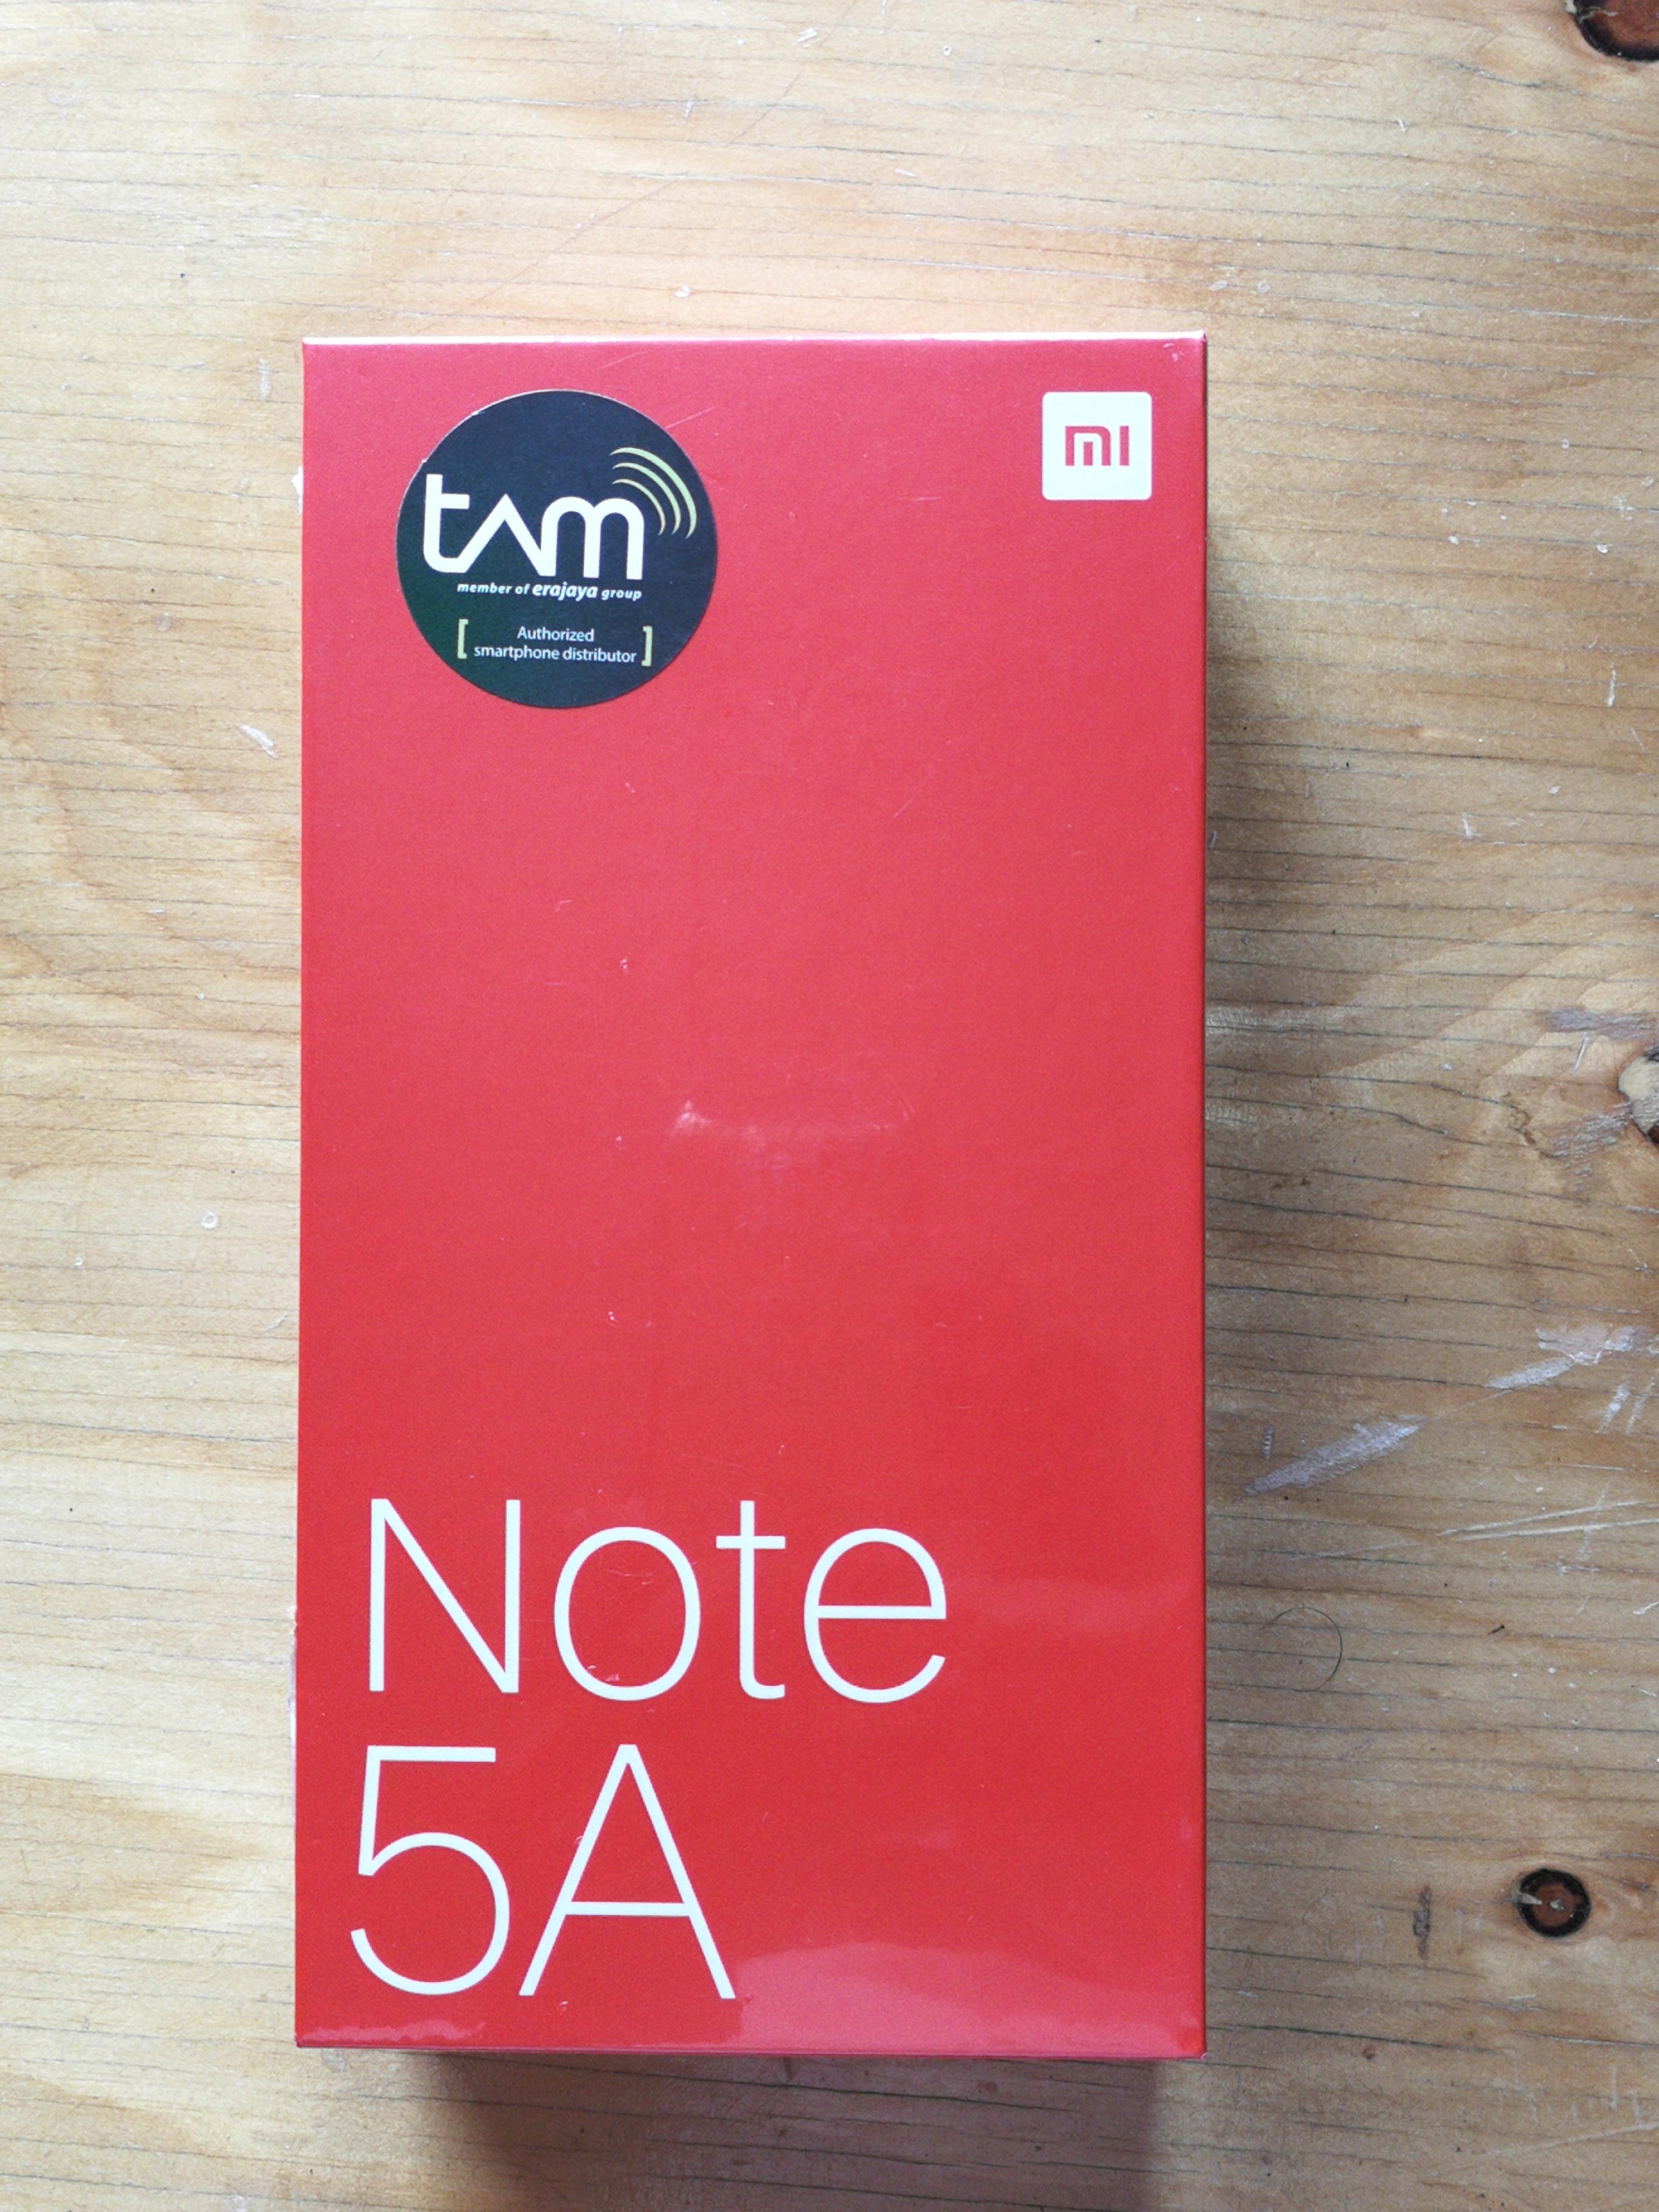 Mengintip Isi Kotak Xiaomi Redmi Note 5a 2 Garansi Resmi Putih Pada Bagian Belakang Terlampir Informasi Spesifikasi Dari Ukuran Layar 55 Inci Resolusi Hd Dengan Kamera 13mp Dan